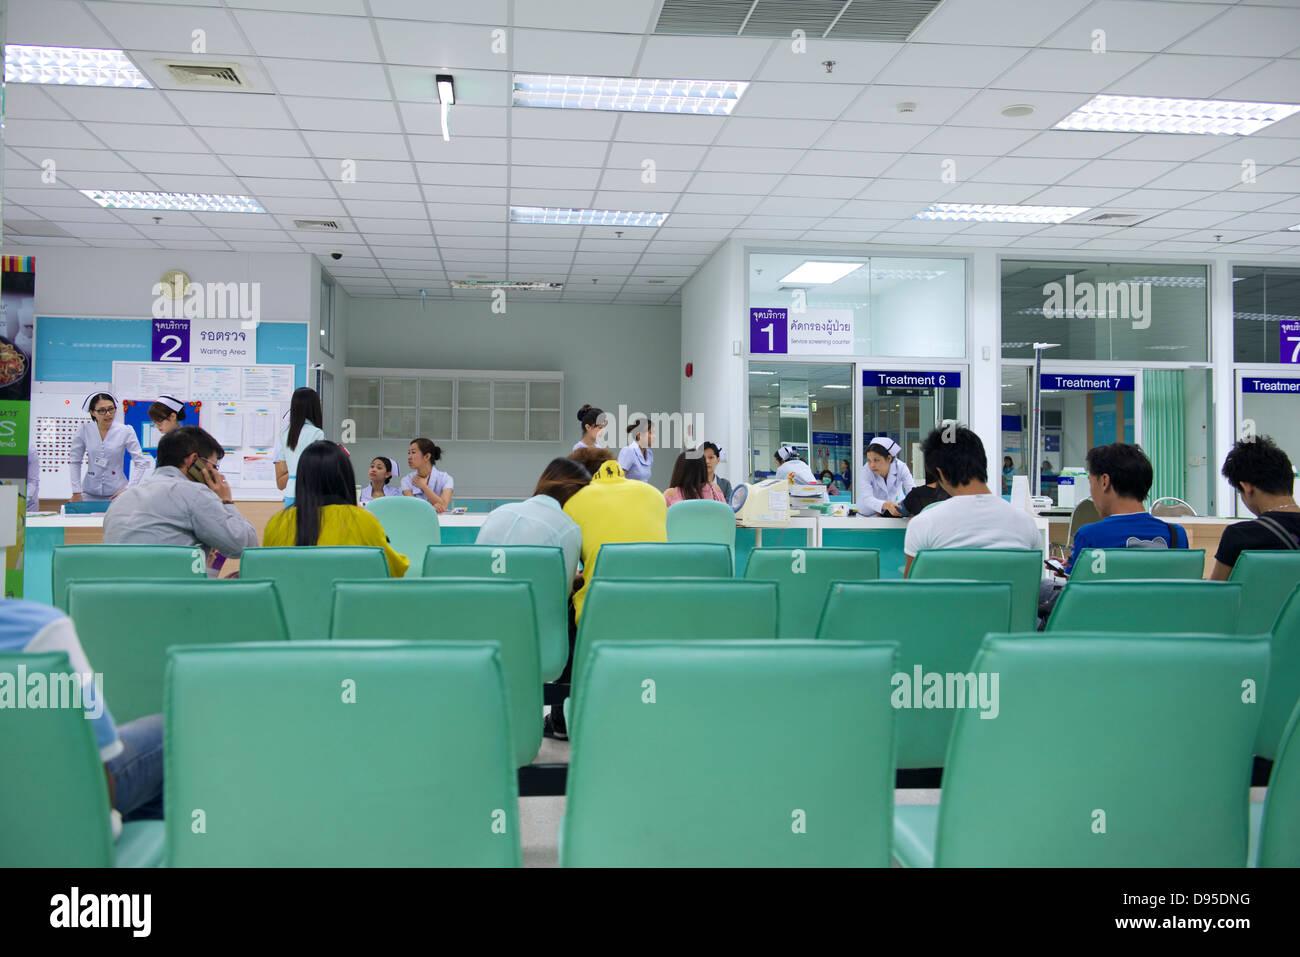 Waiting area Yanhee Hospital Bangkok Stock Photo: 57283564